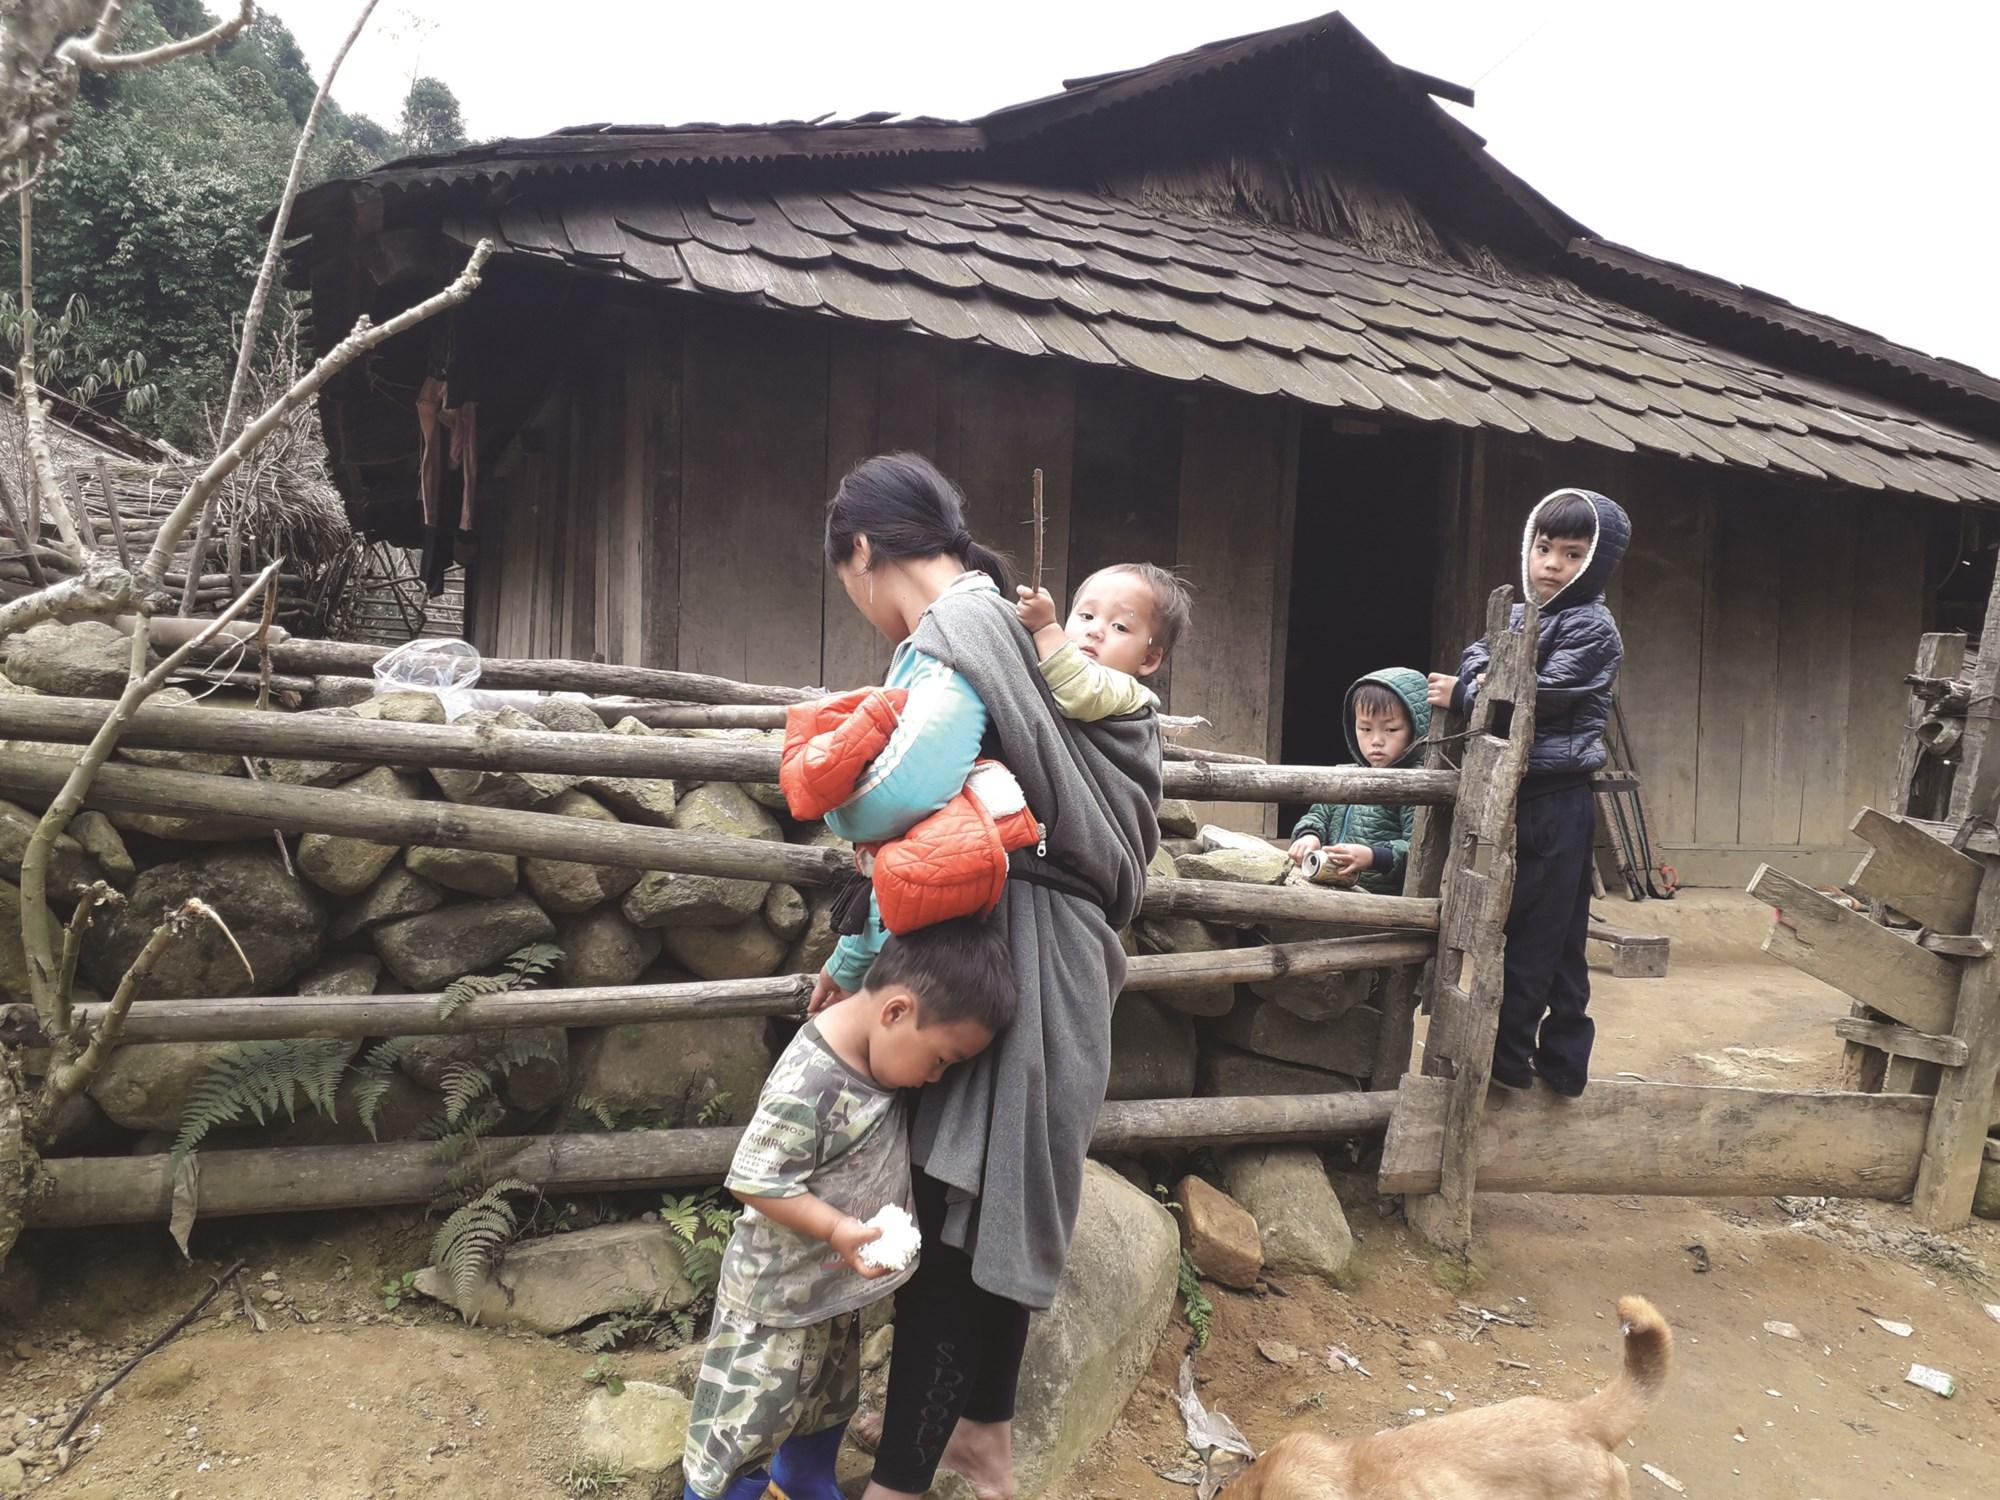 Cuộc sống của người Mông vẫn quẩn quanh trong đói nghèo.